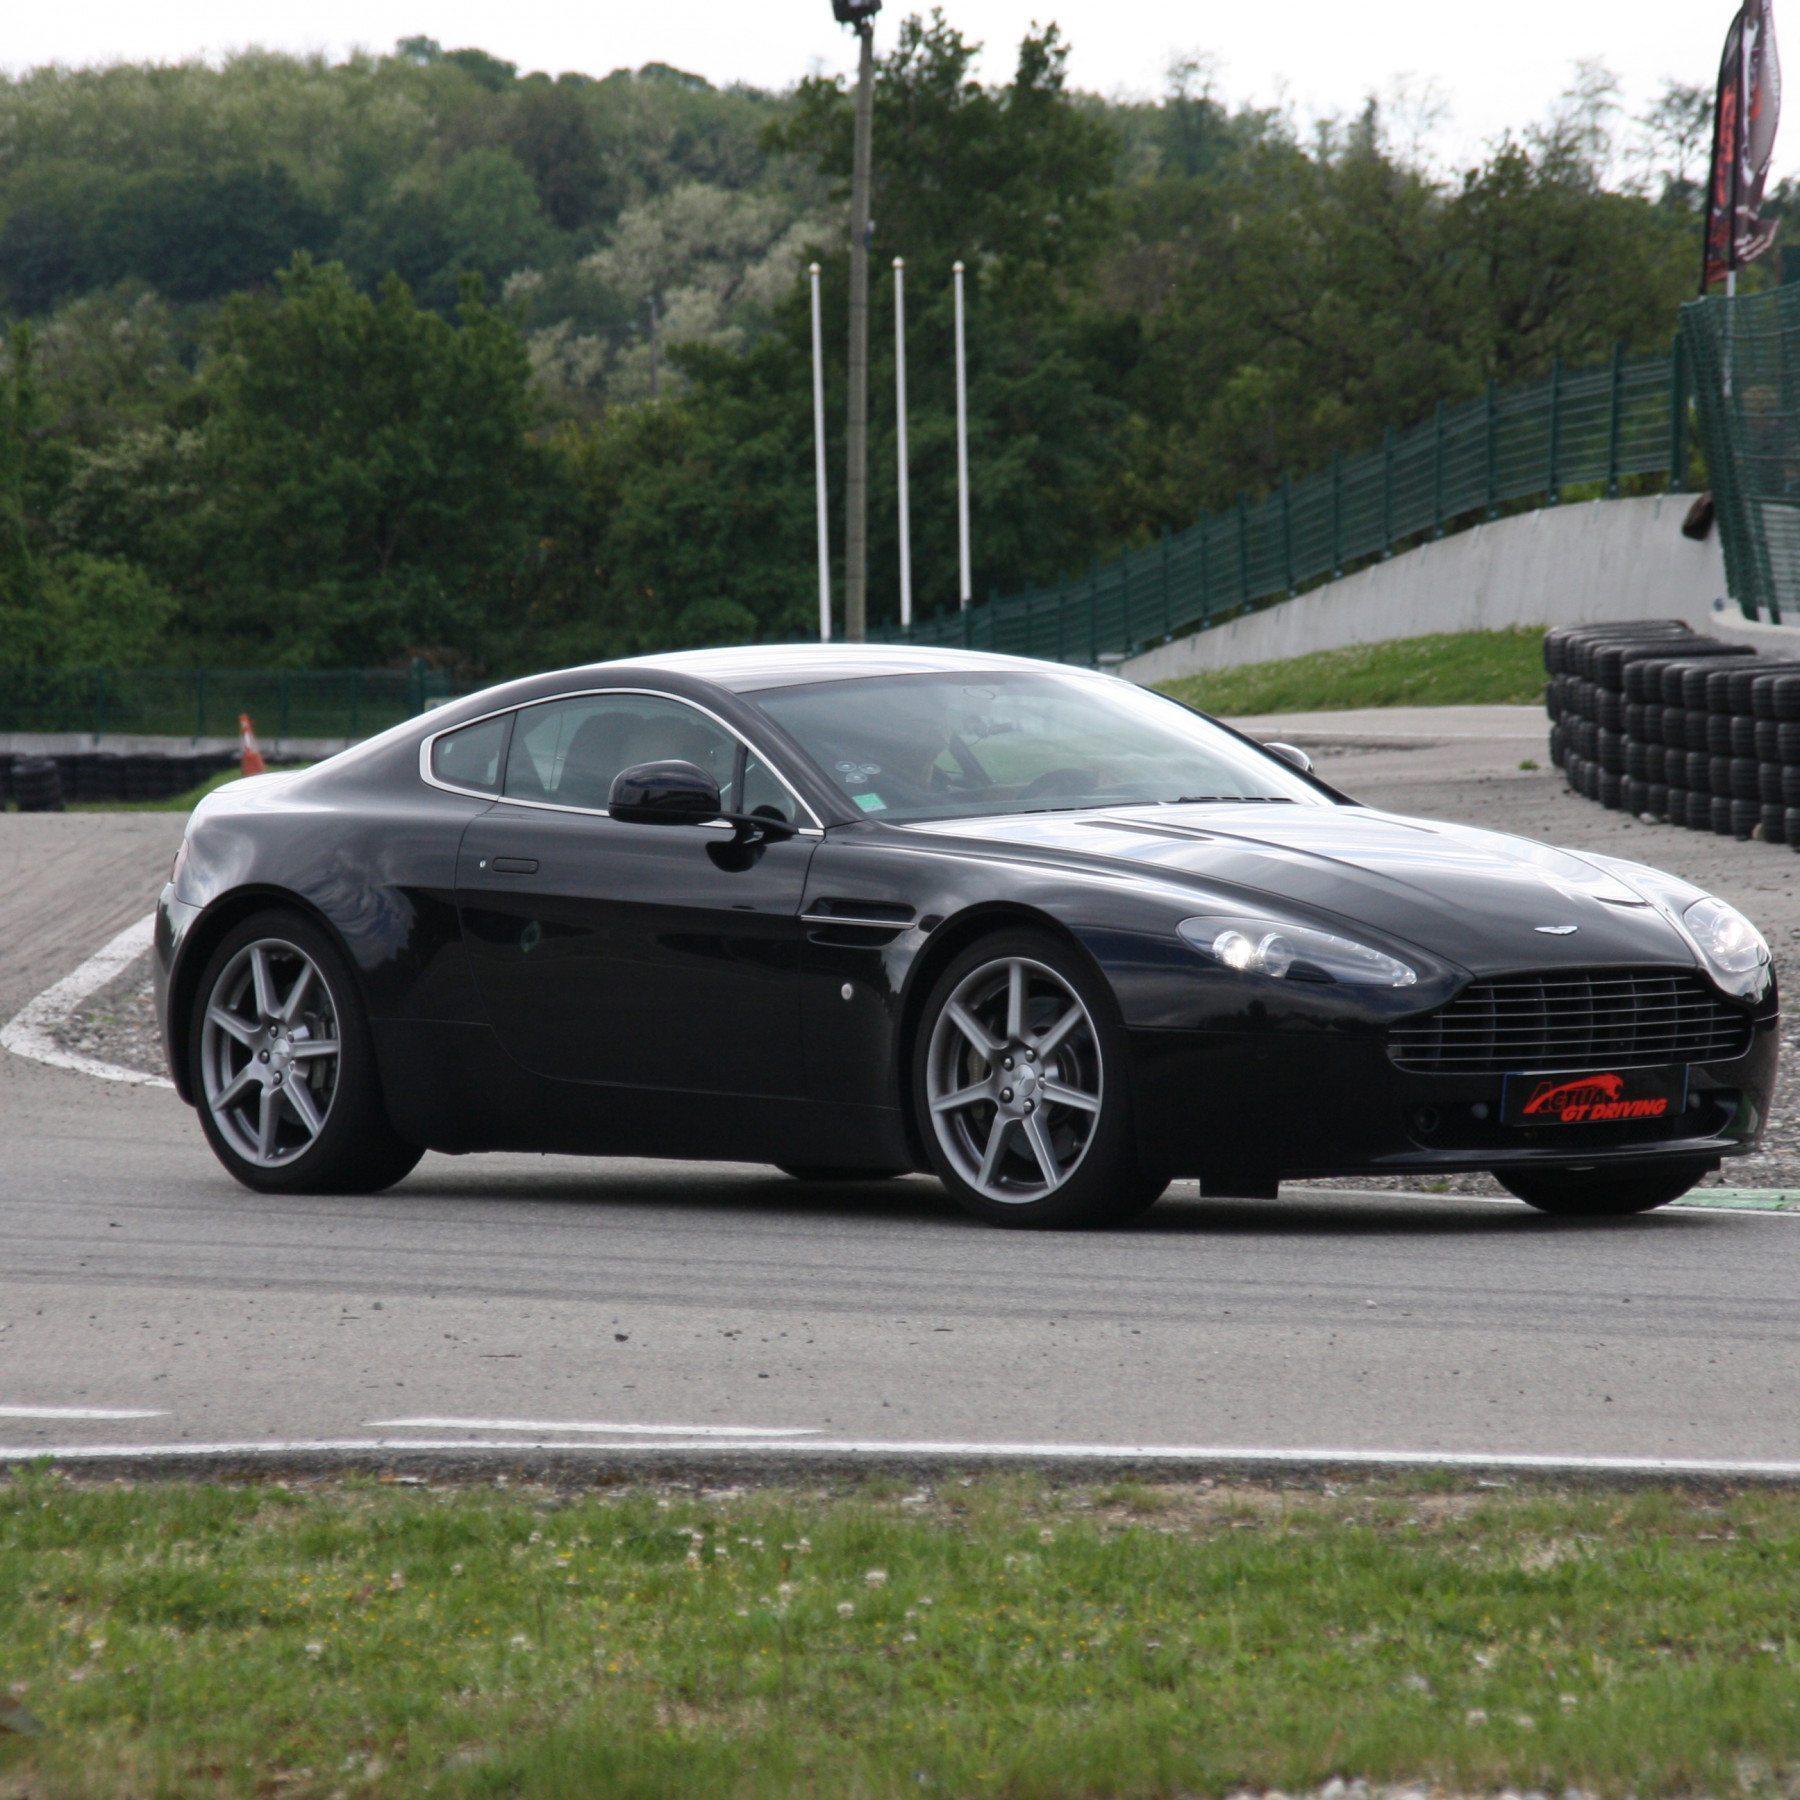 Guida una Aston Martin da 299 € - Autodromo del Mugello